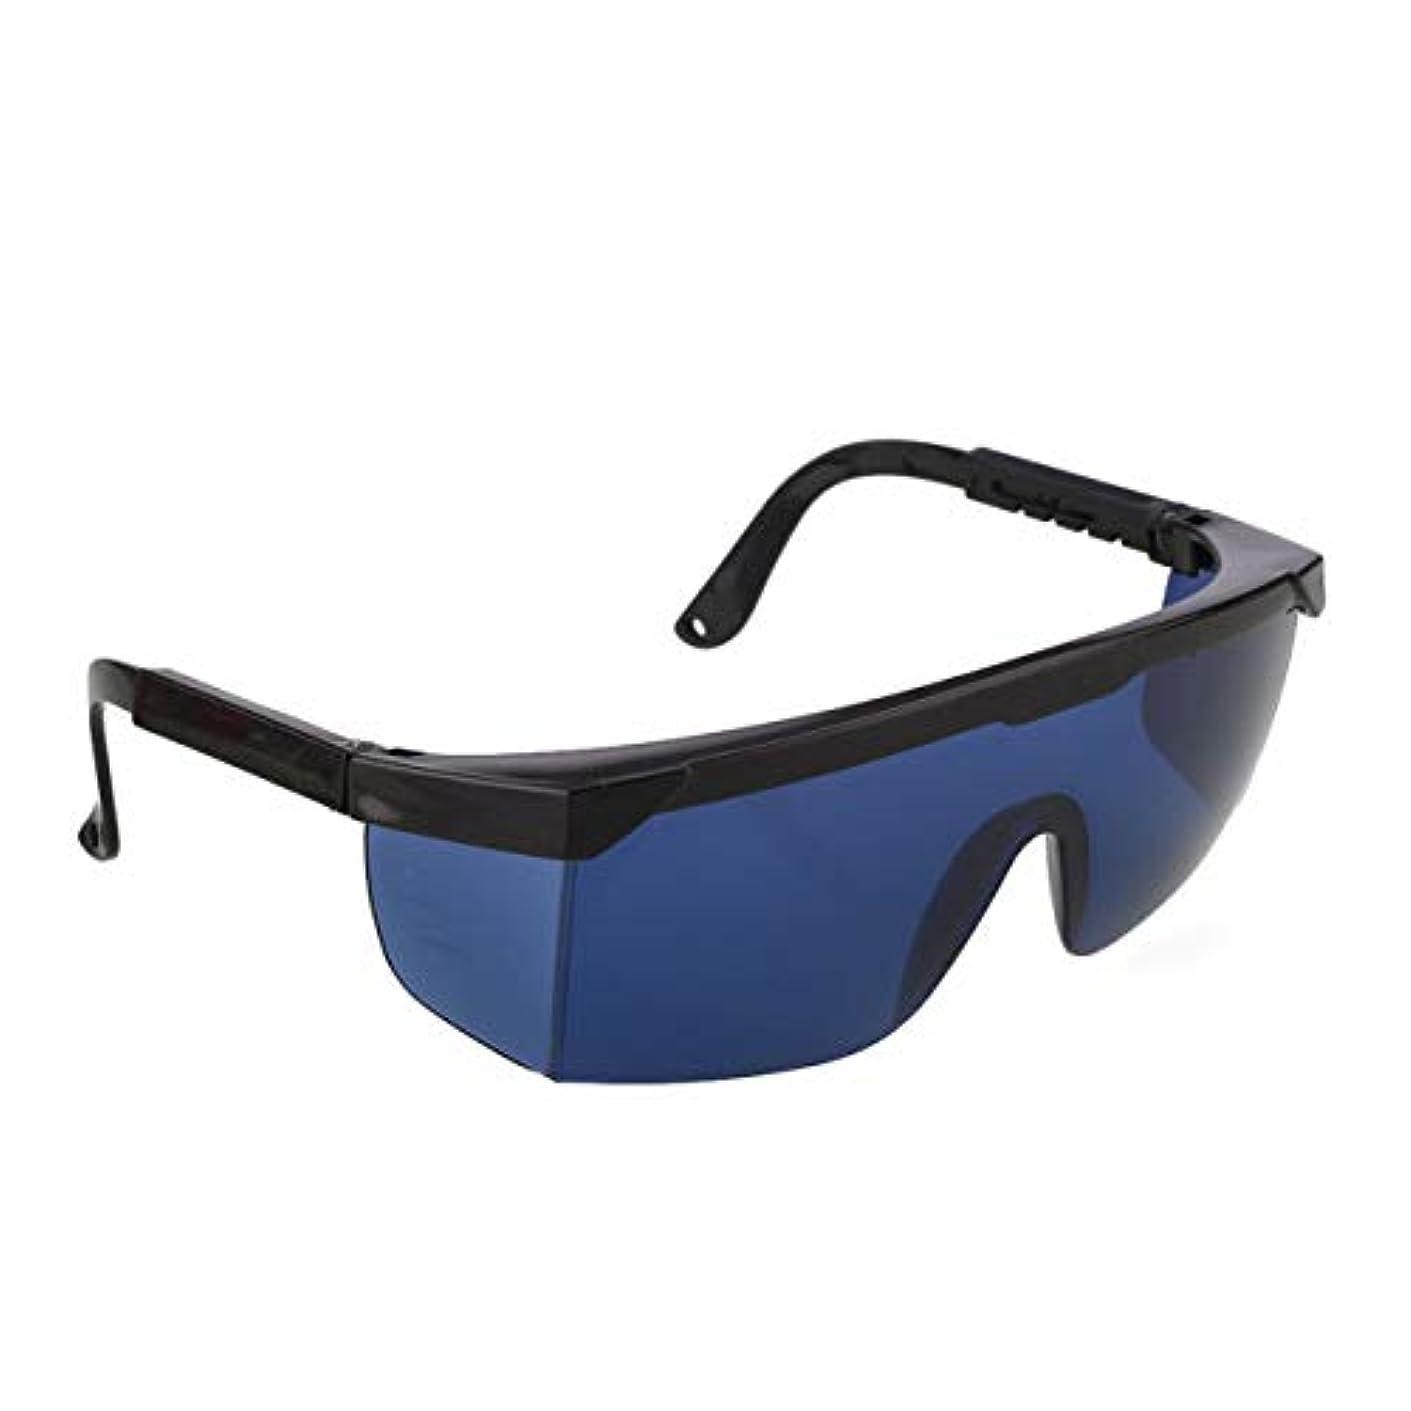 Saikogoods 除毛クリーム ポイント脱毛保護メガネユニバーサルゴーグル眼鏡を凍結IPL/E-光OPTのためのレーザー保護メガネ 青